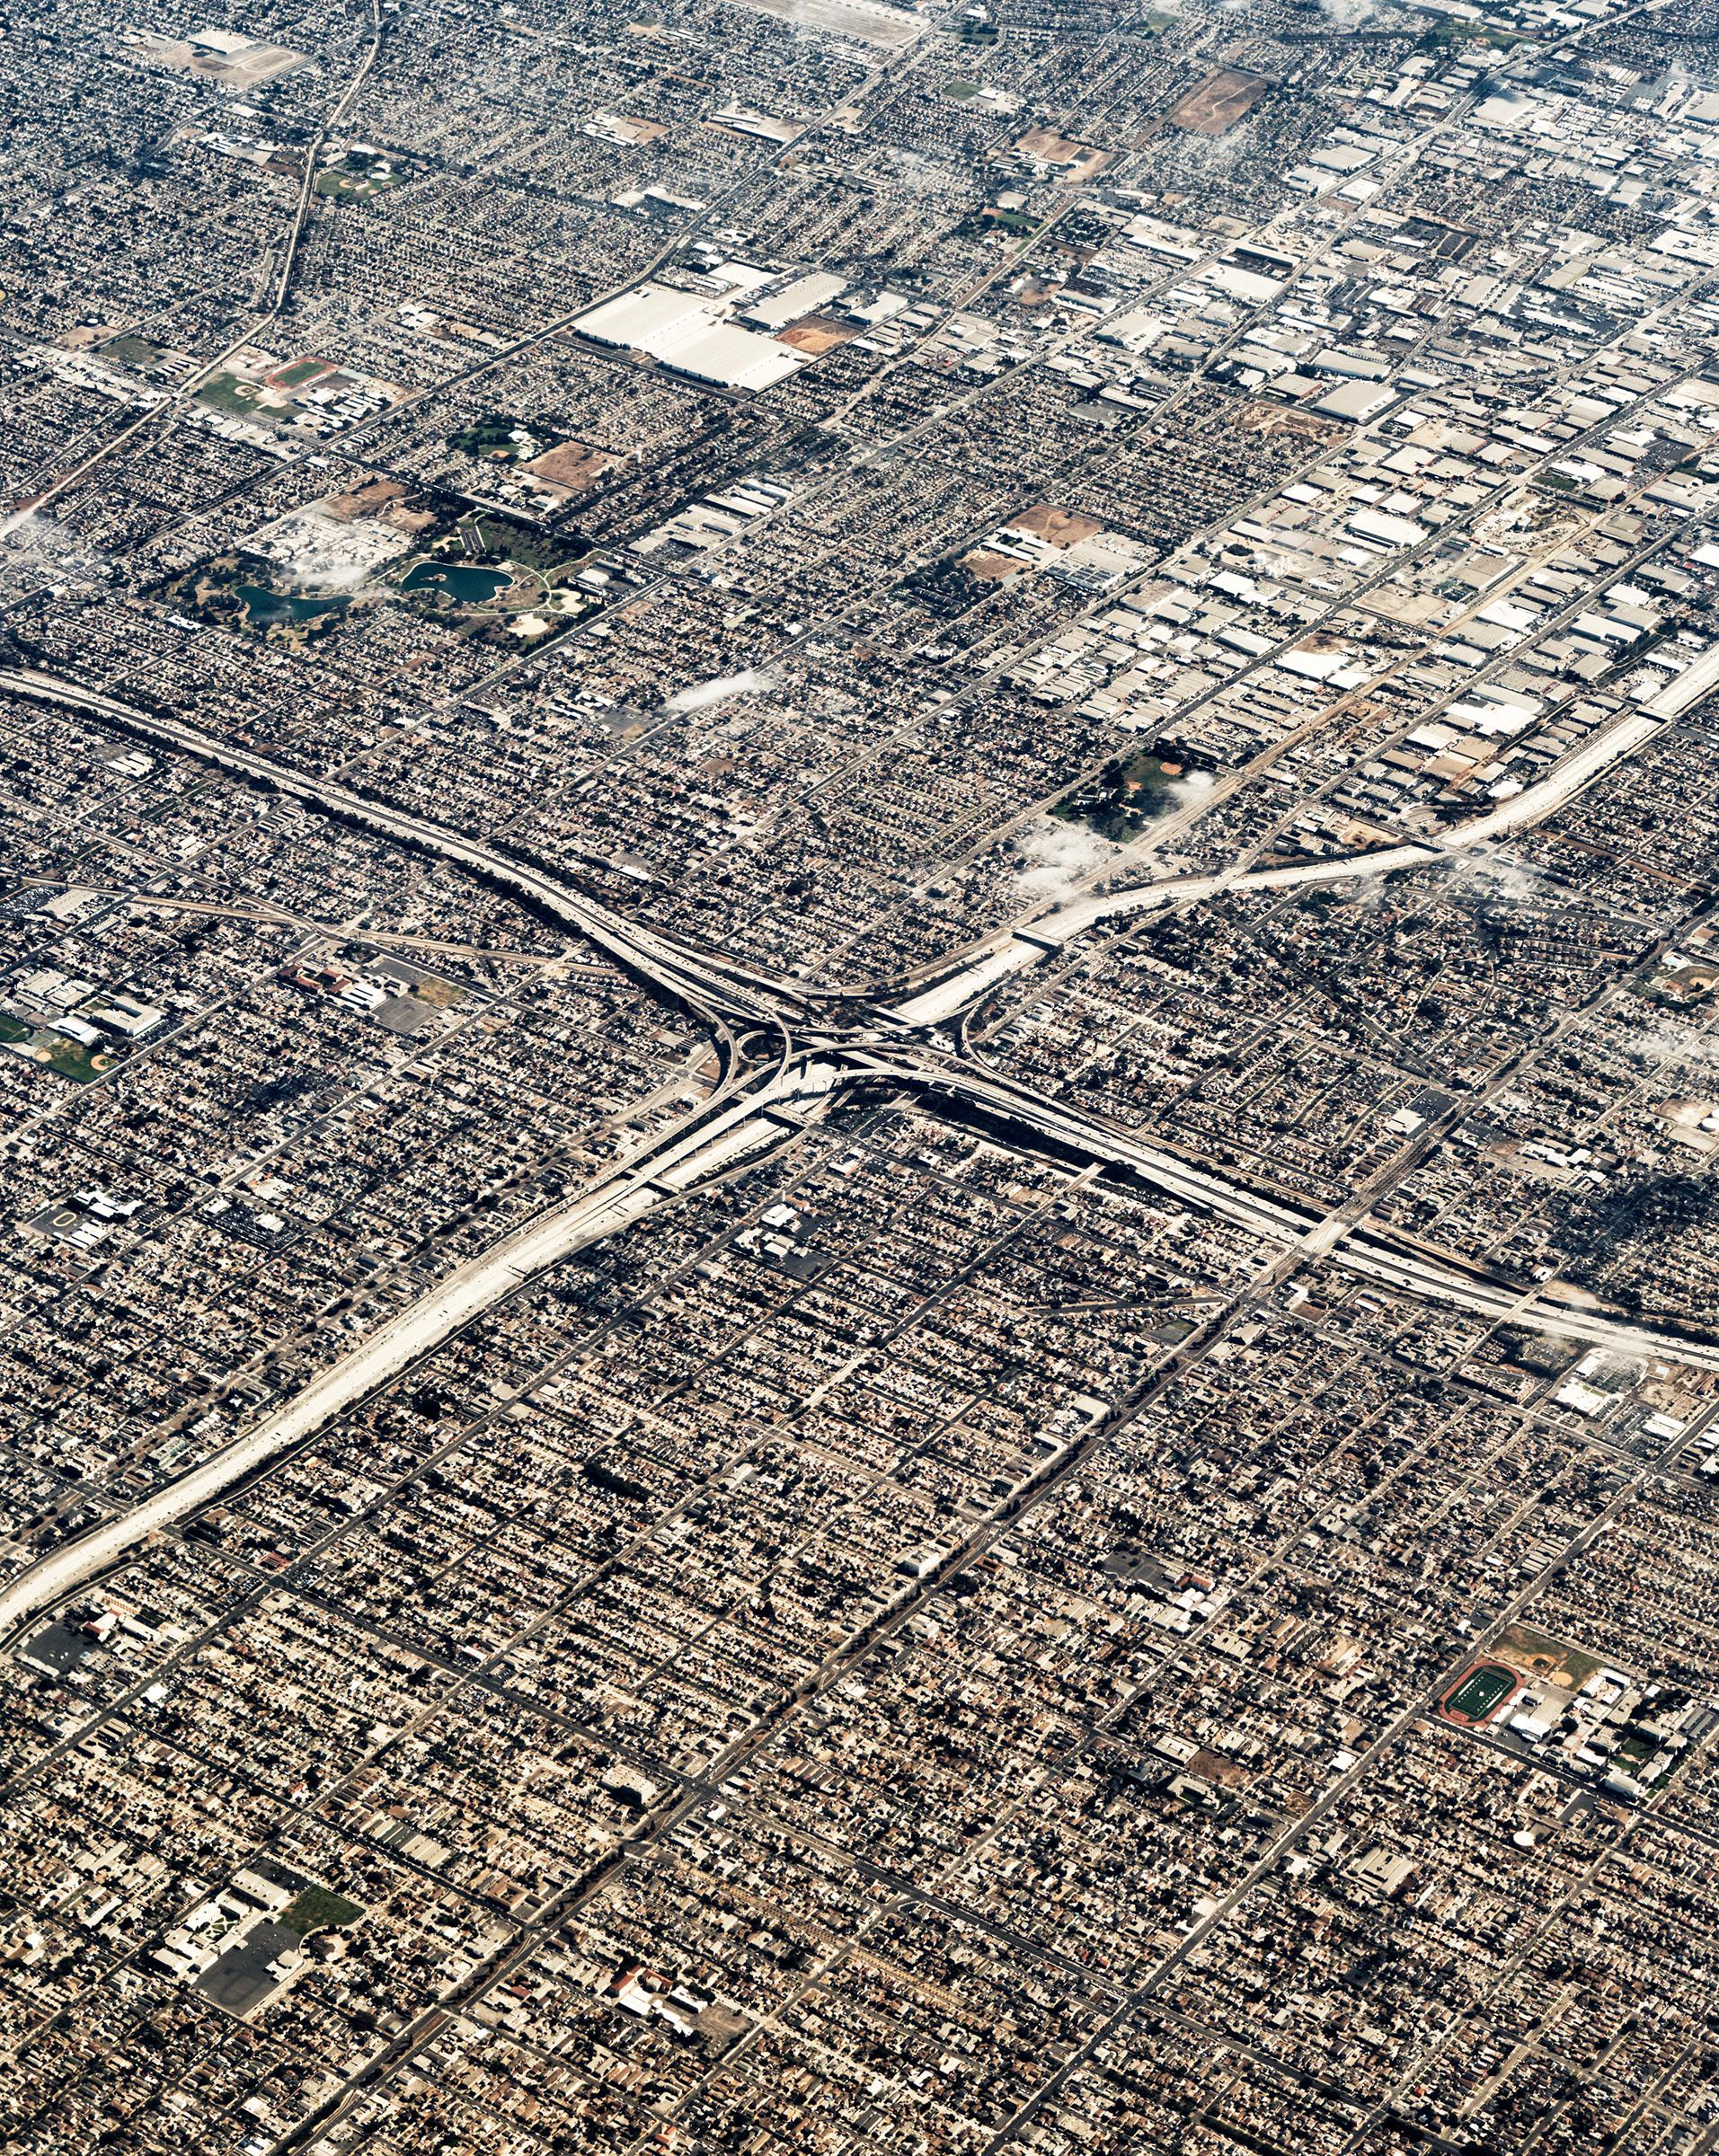 Urban sprawl in Los Angeles.